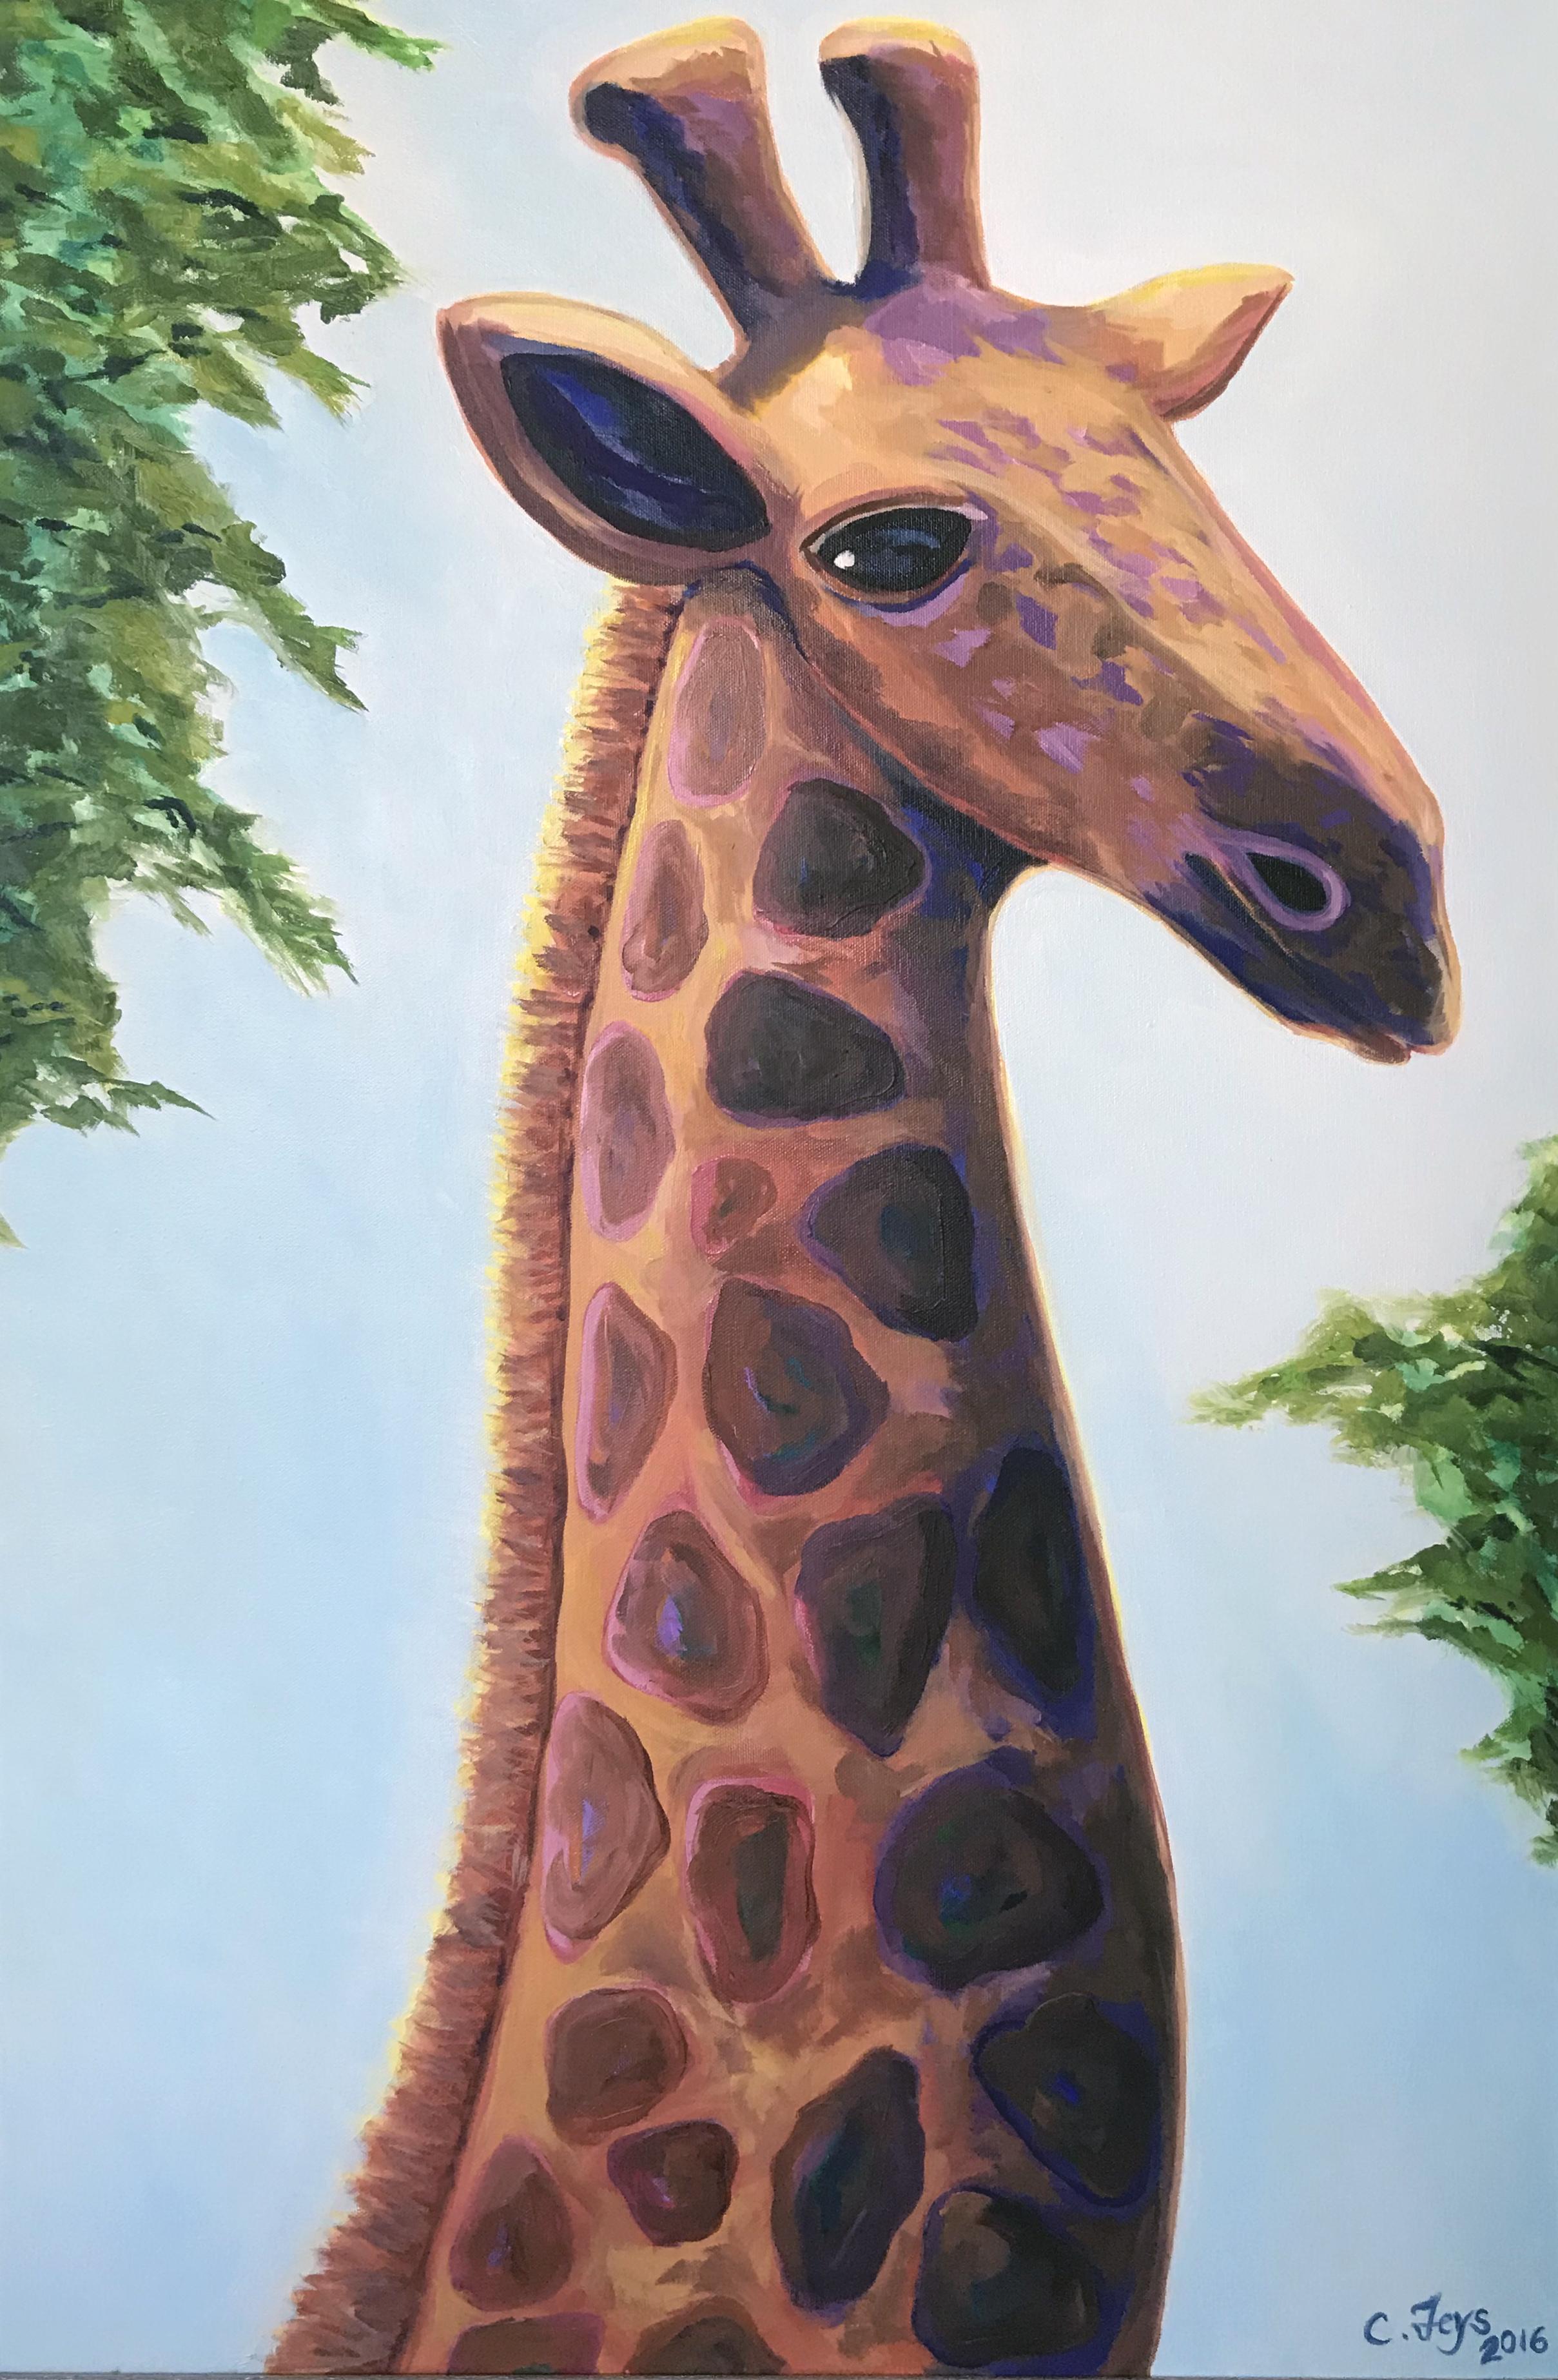 Giraffe, Nakuru Kenya, 2016